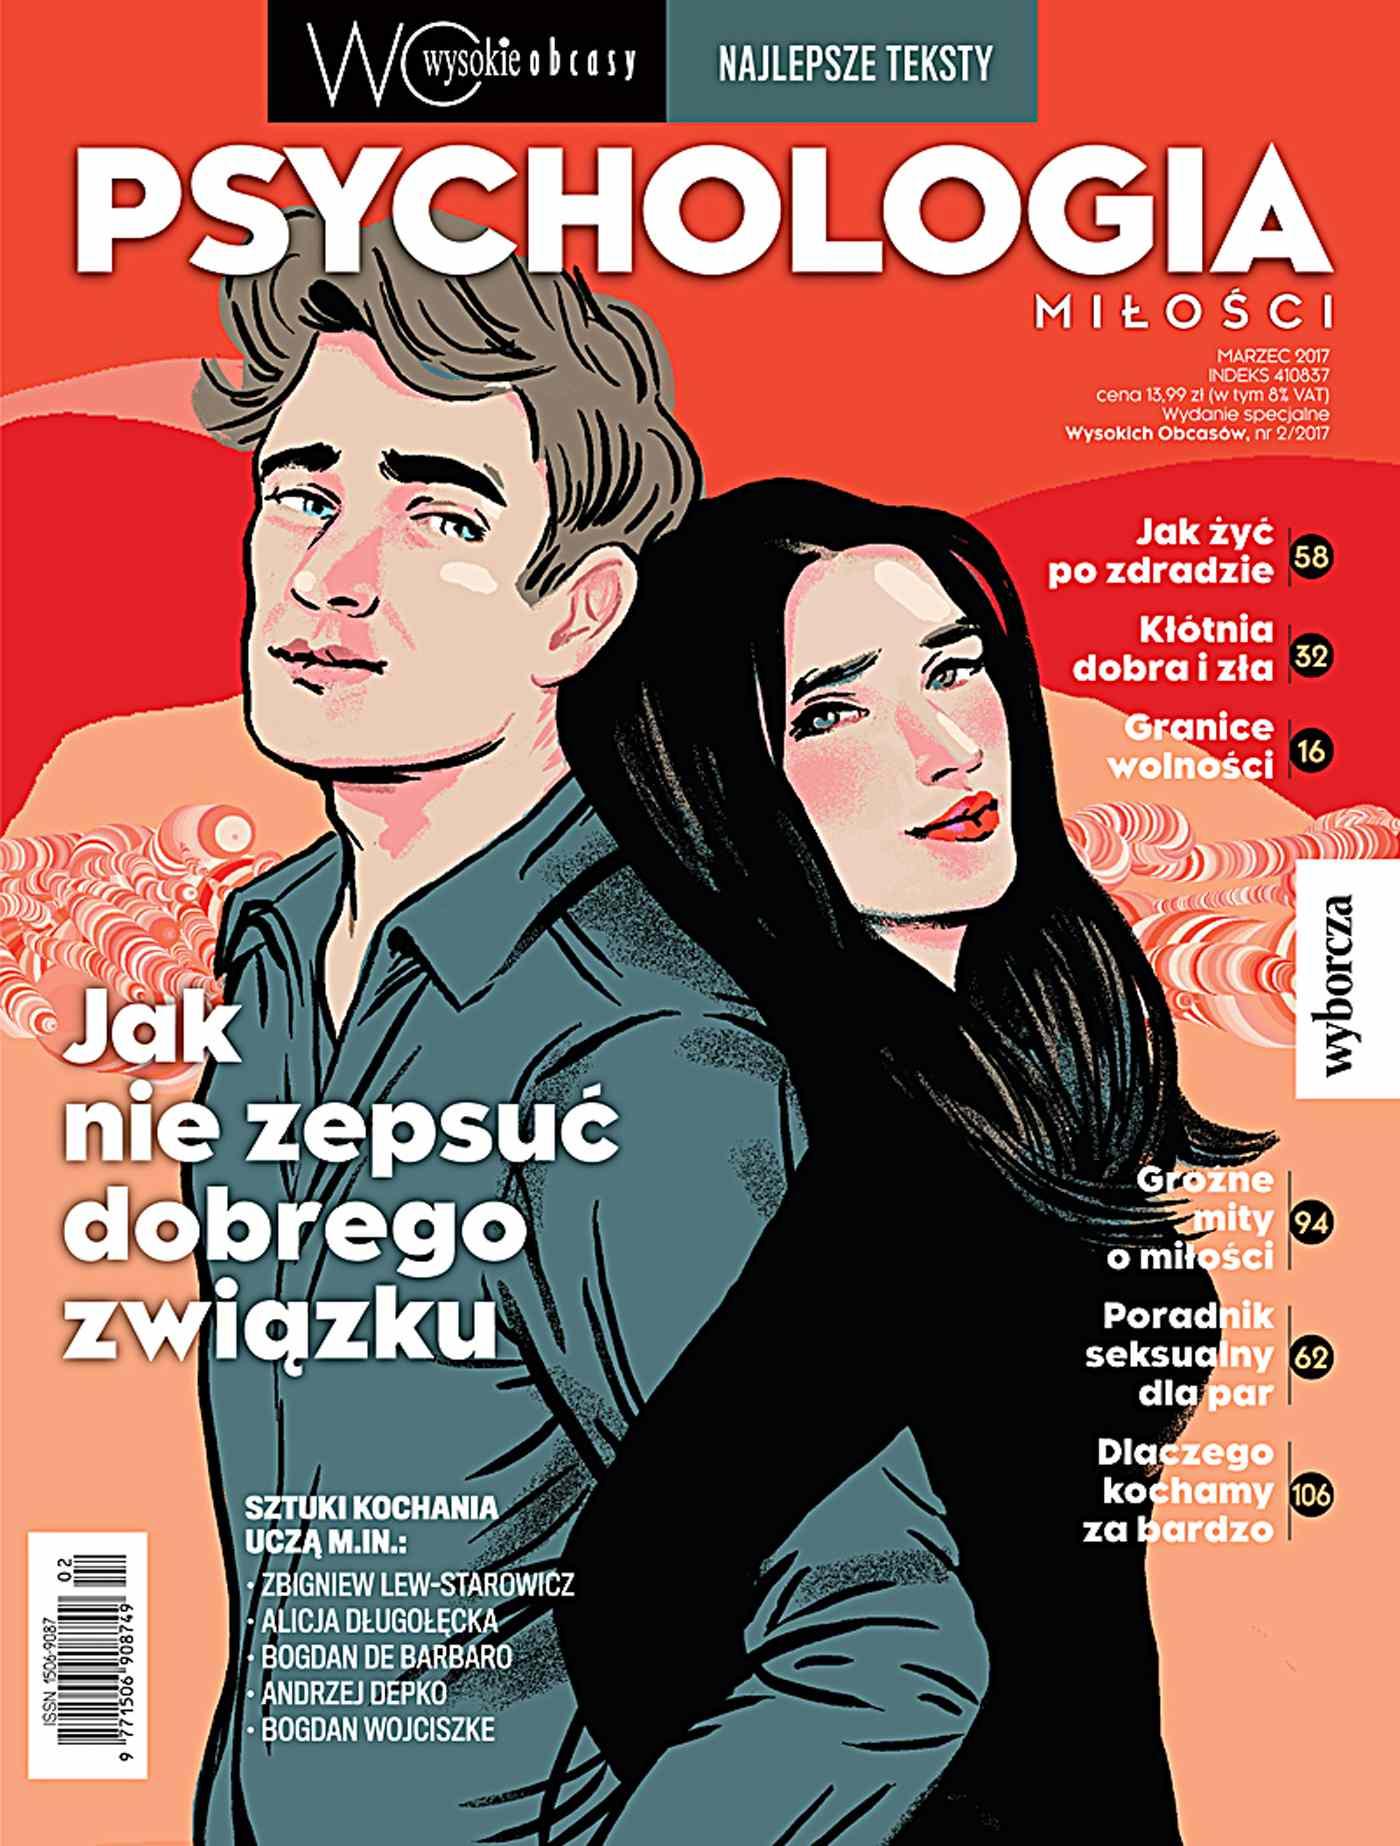 Najlepsze teksty. Psychologia miłości. Wysokie Obcasy. Wydanie Specjalne - Ebook (Książka PDF) do pobrania w formacie PDF